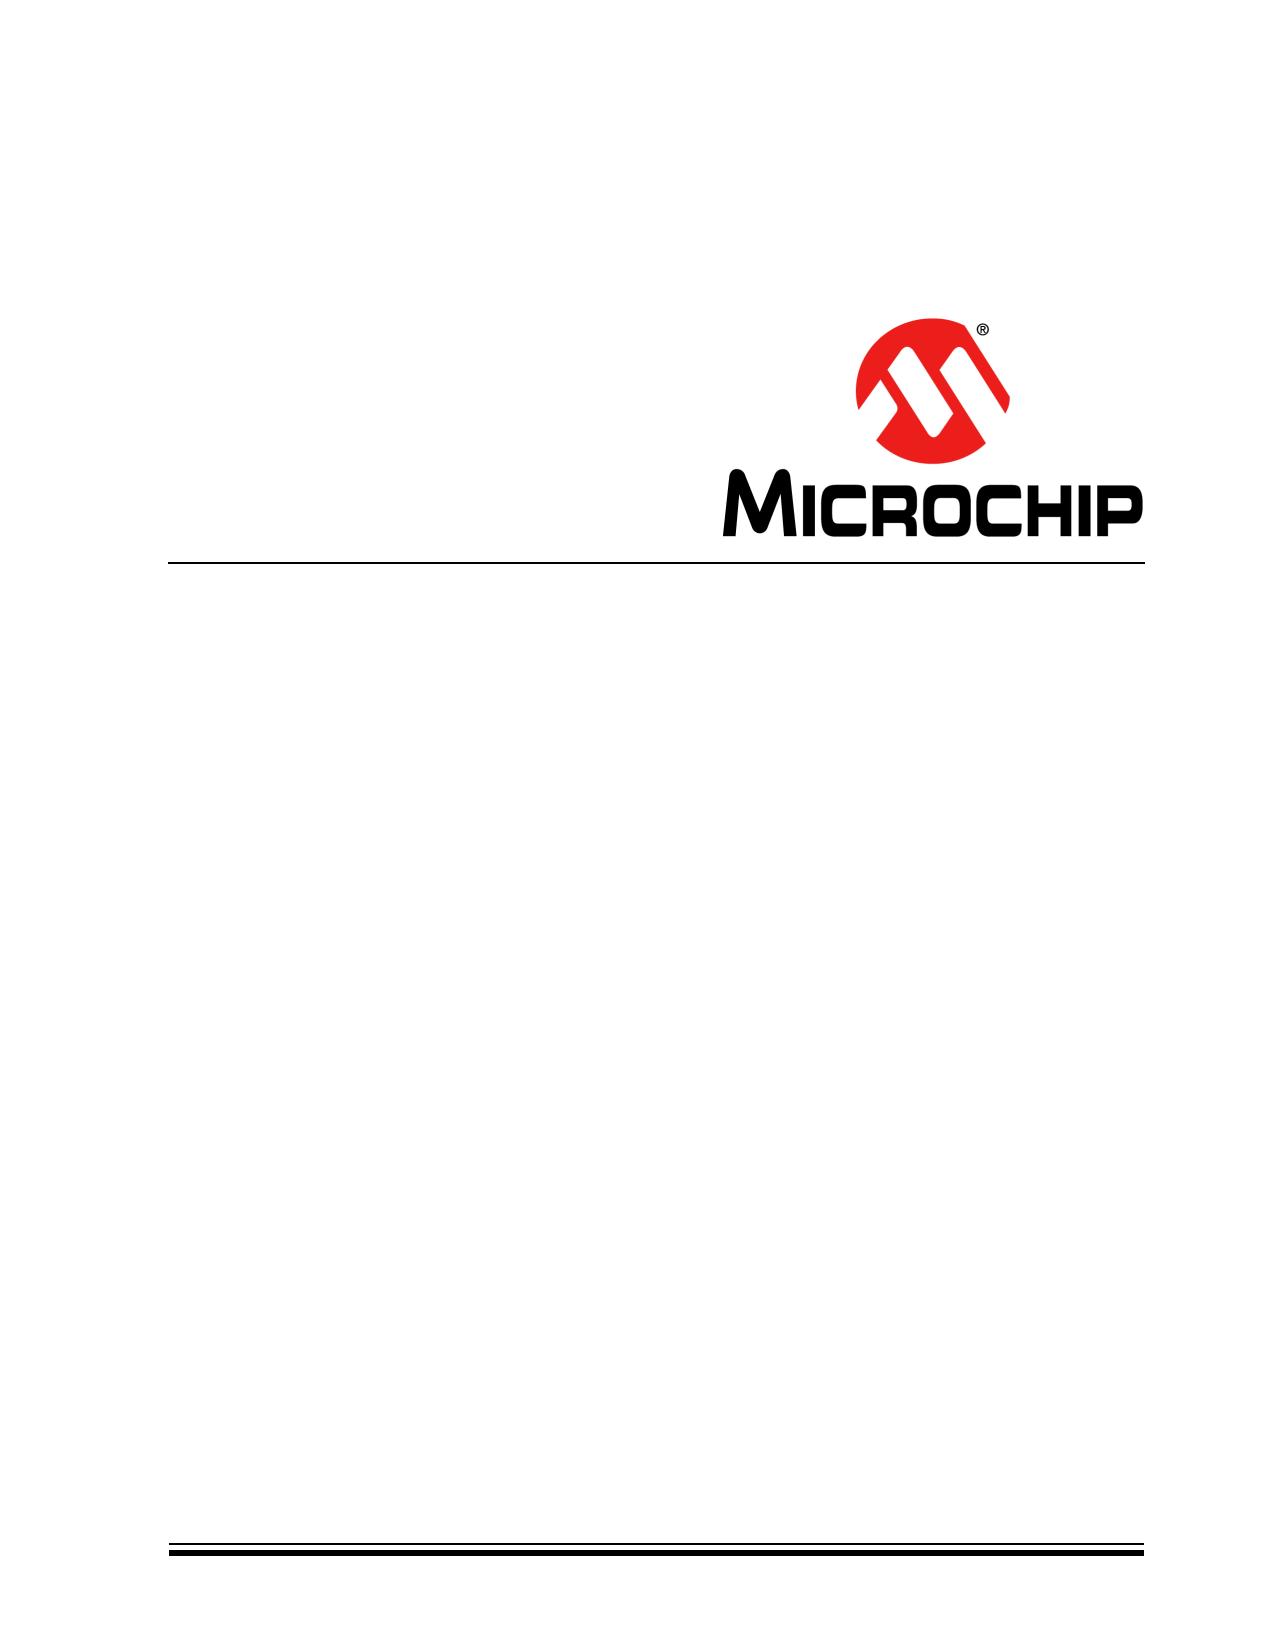 PIC24FJ64GA106 데이터시트 및 PIC24FJ64GA106 PDF